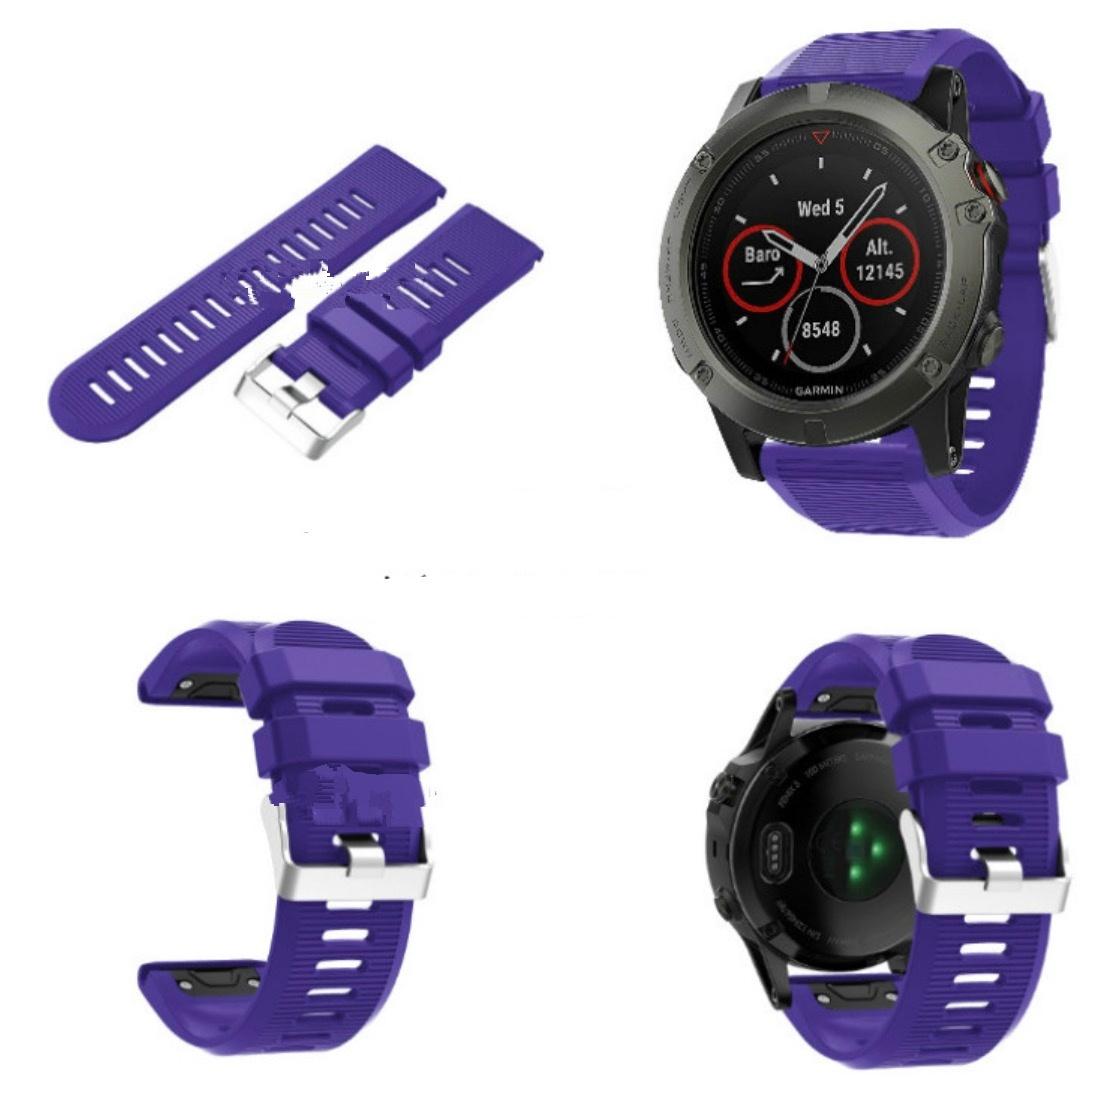 Сменный ремешок MyPads для умных смарт-часов Garmin Fenix 3/ Fenix 3 HR/HRM / Quatix 3 яркий цветной силиконовый